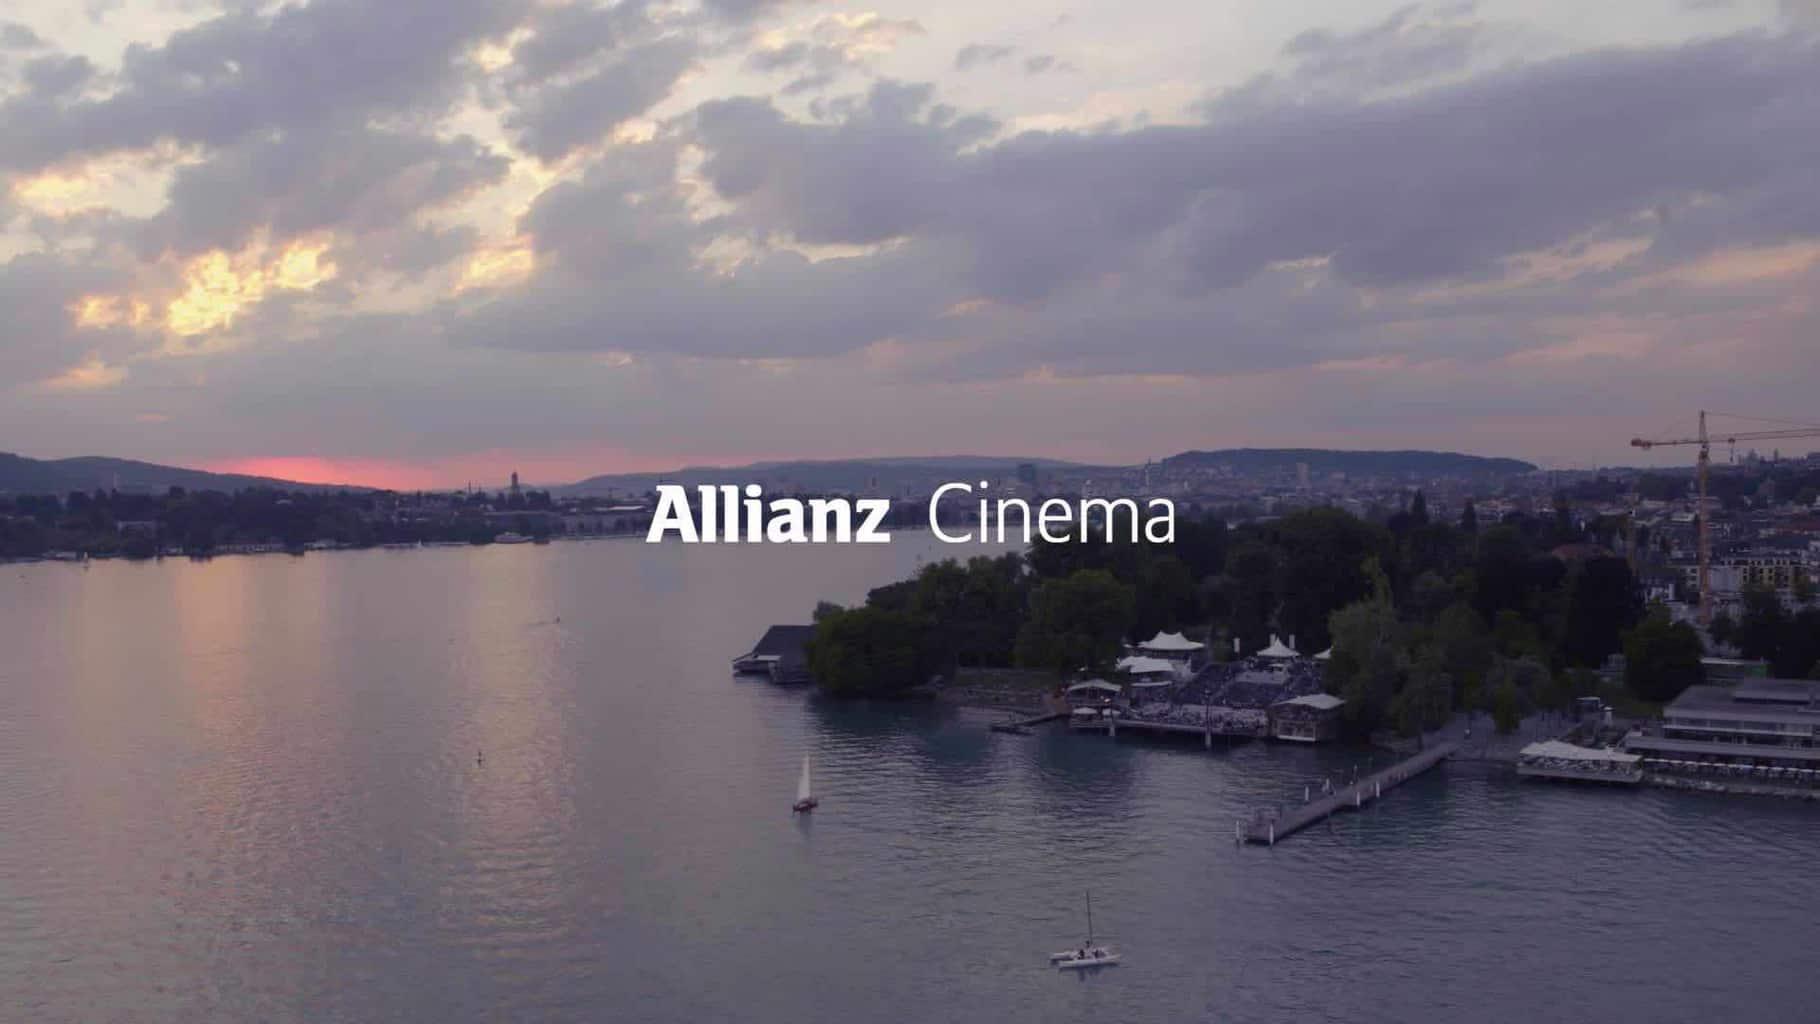 Allianz OpenAir Cinema in Zurich - Film Programme